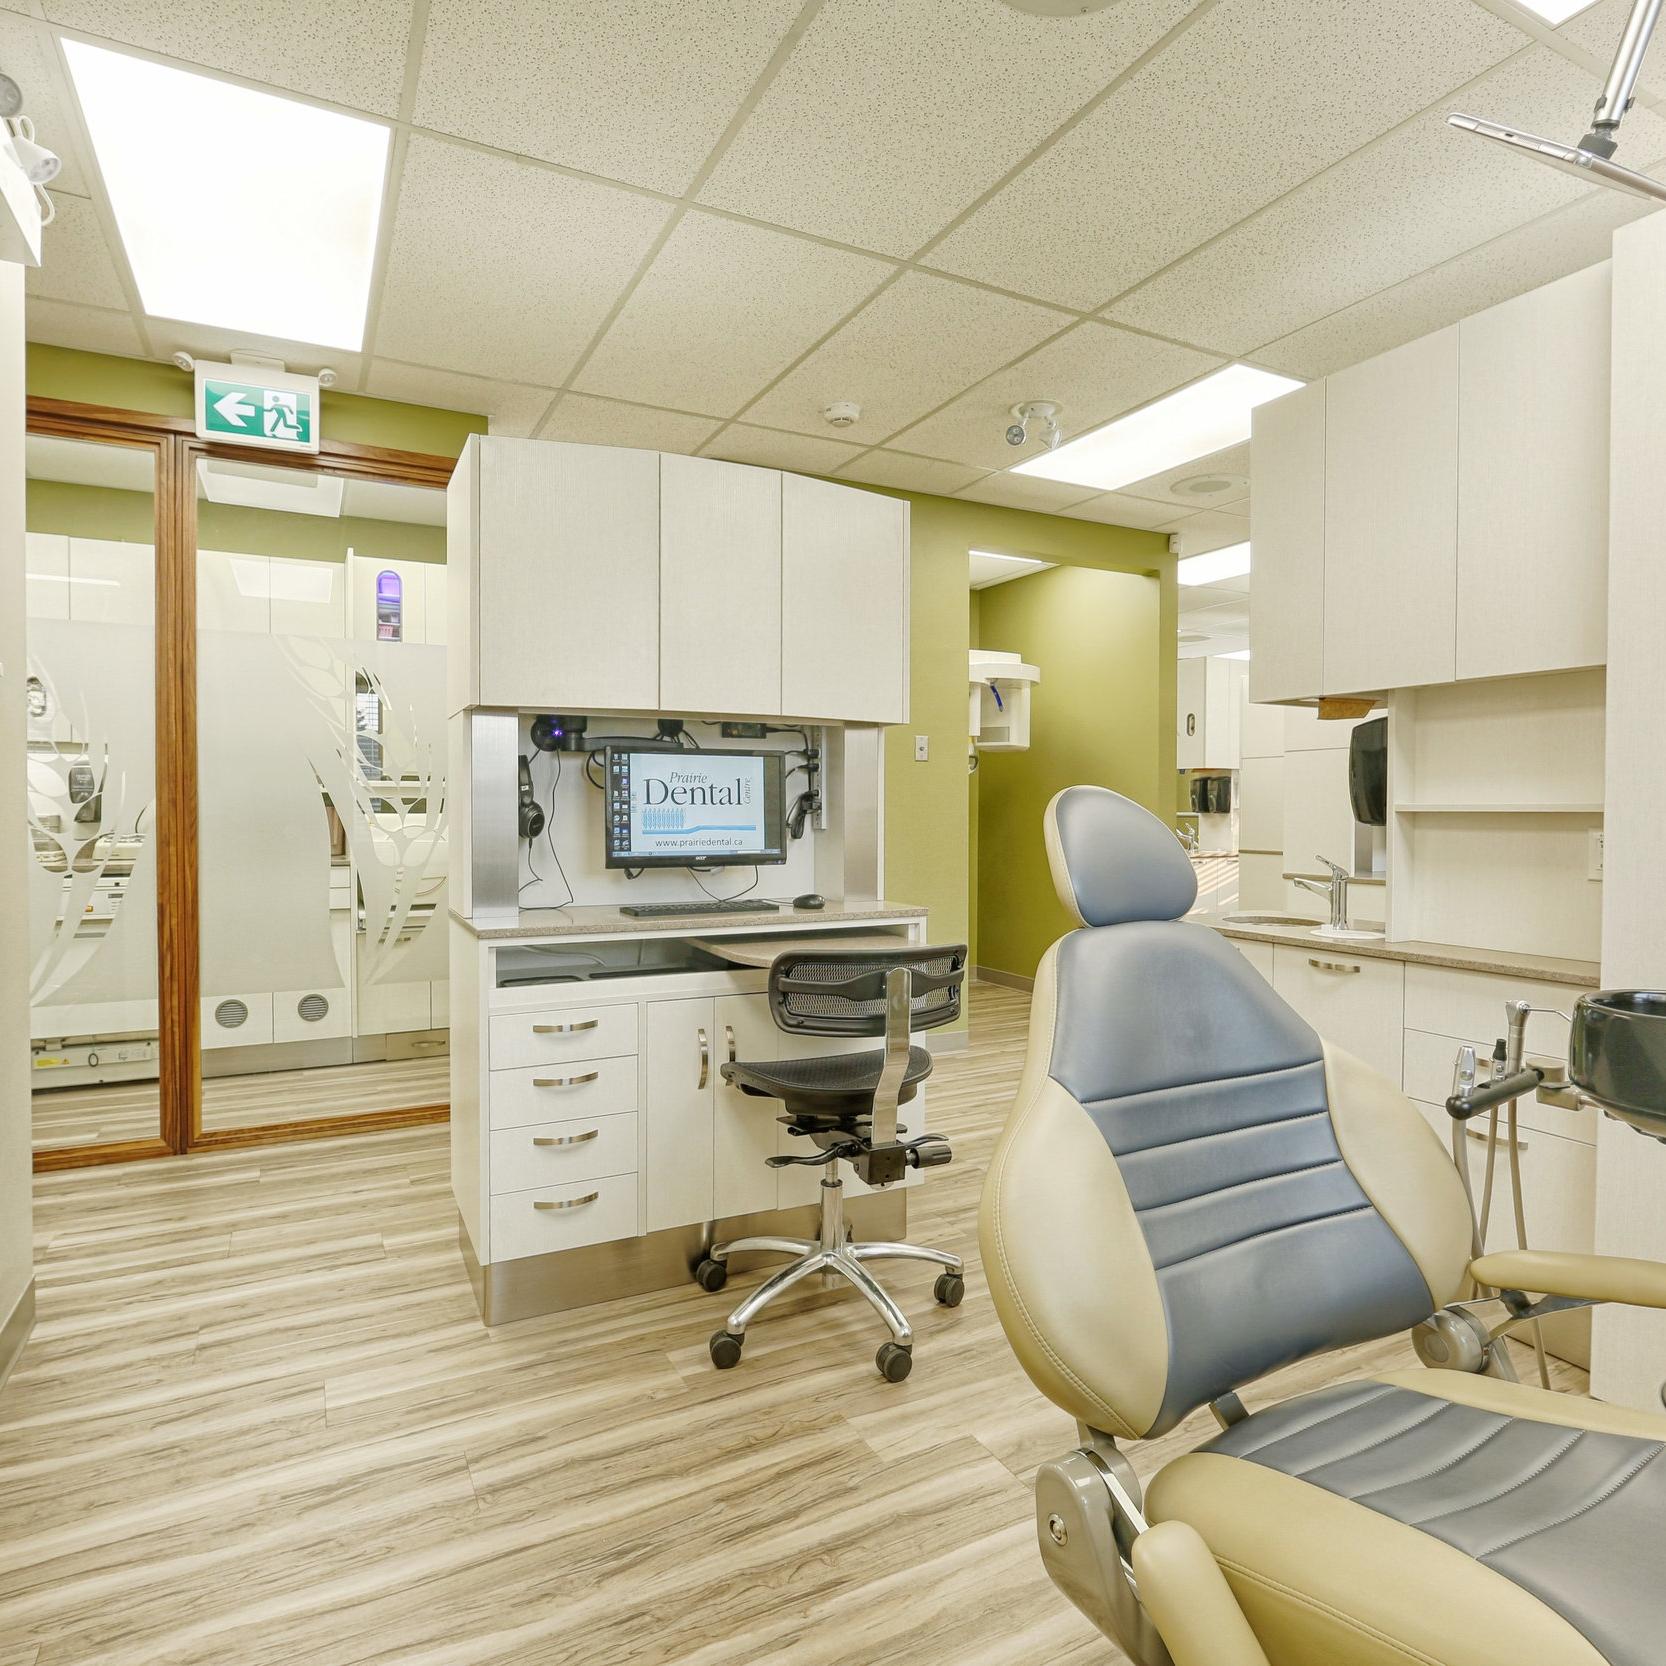 Leduc Dentist Prairie Dental Operatories Chair View.jpg